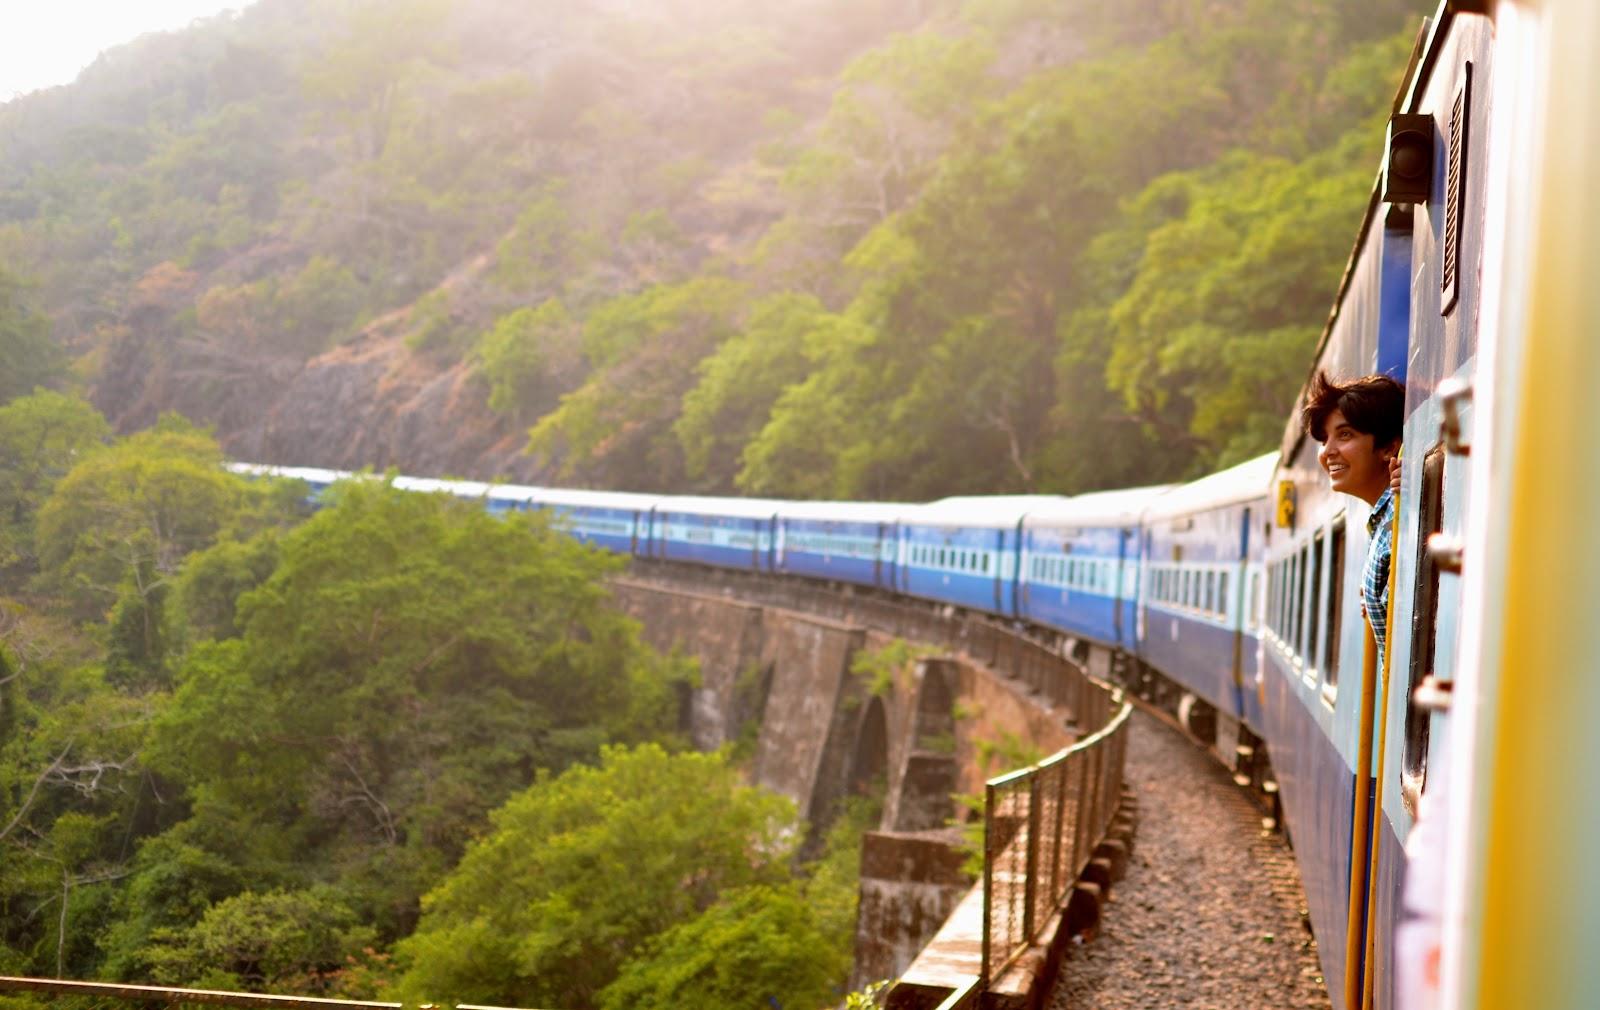 travel, solo, adventure, train